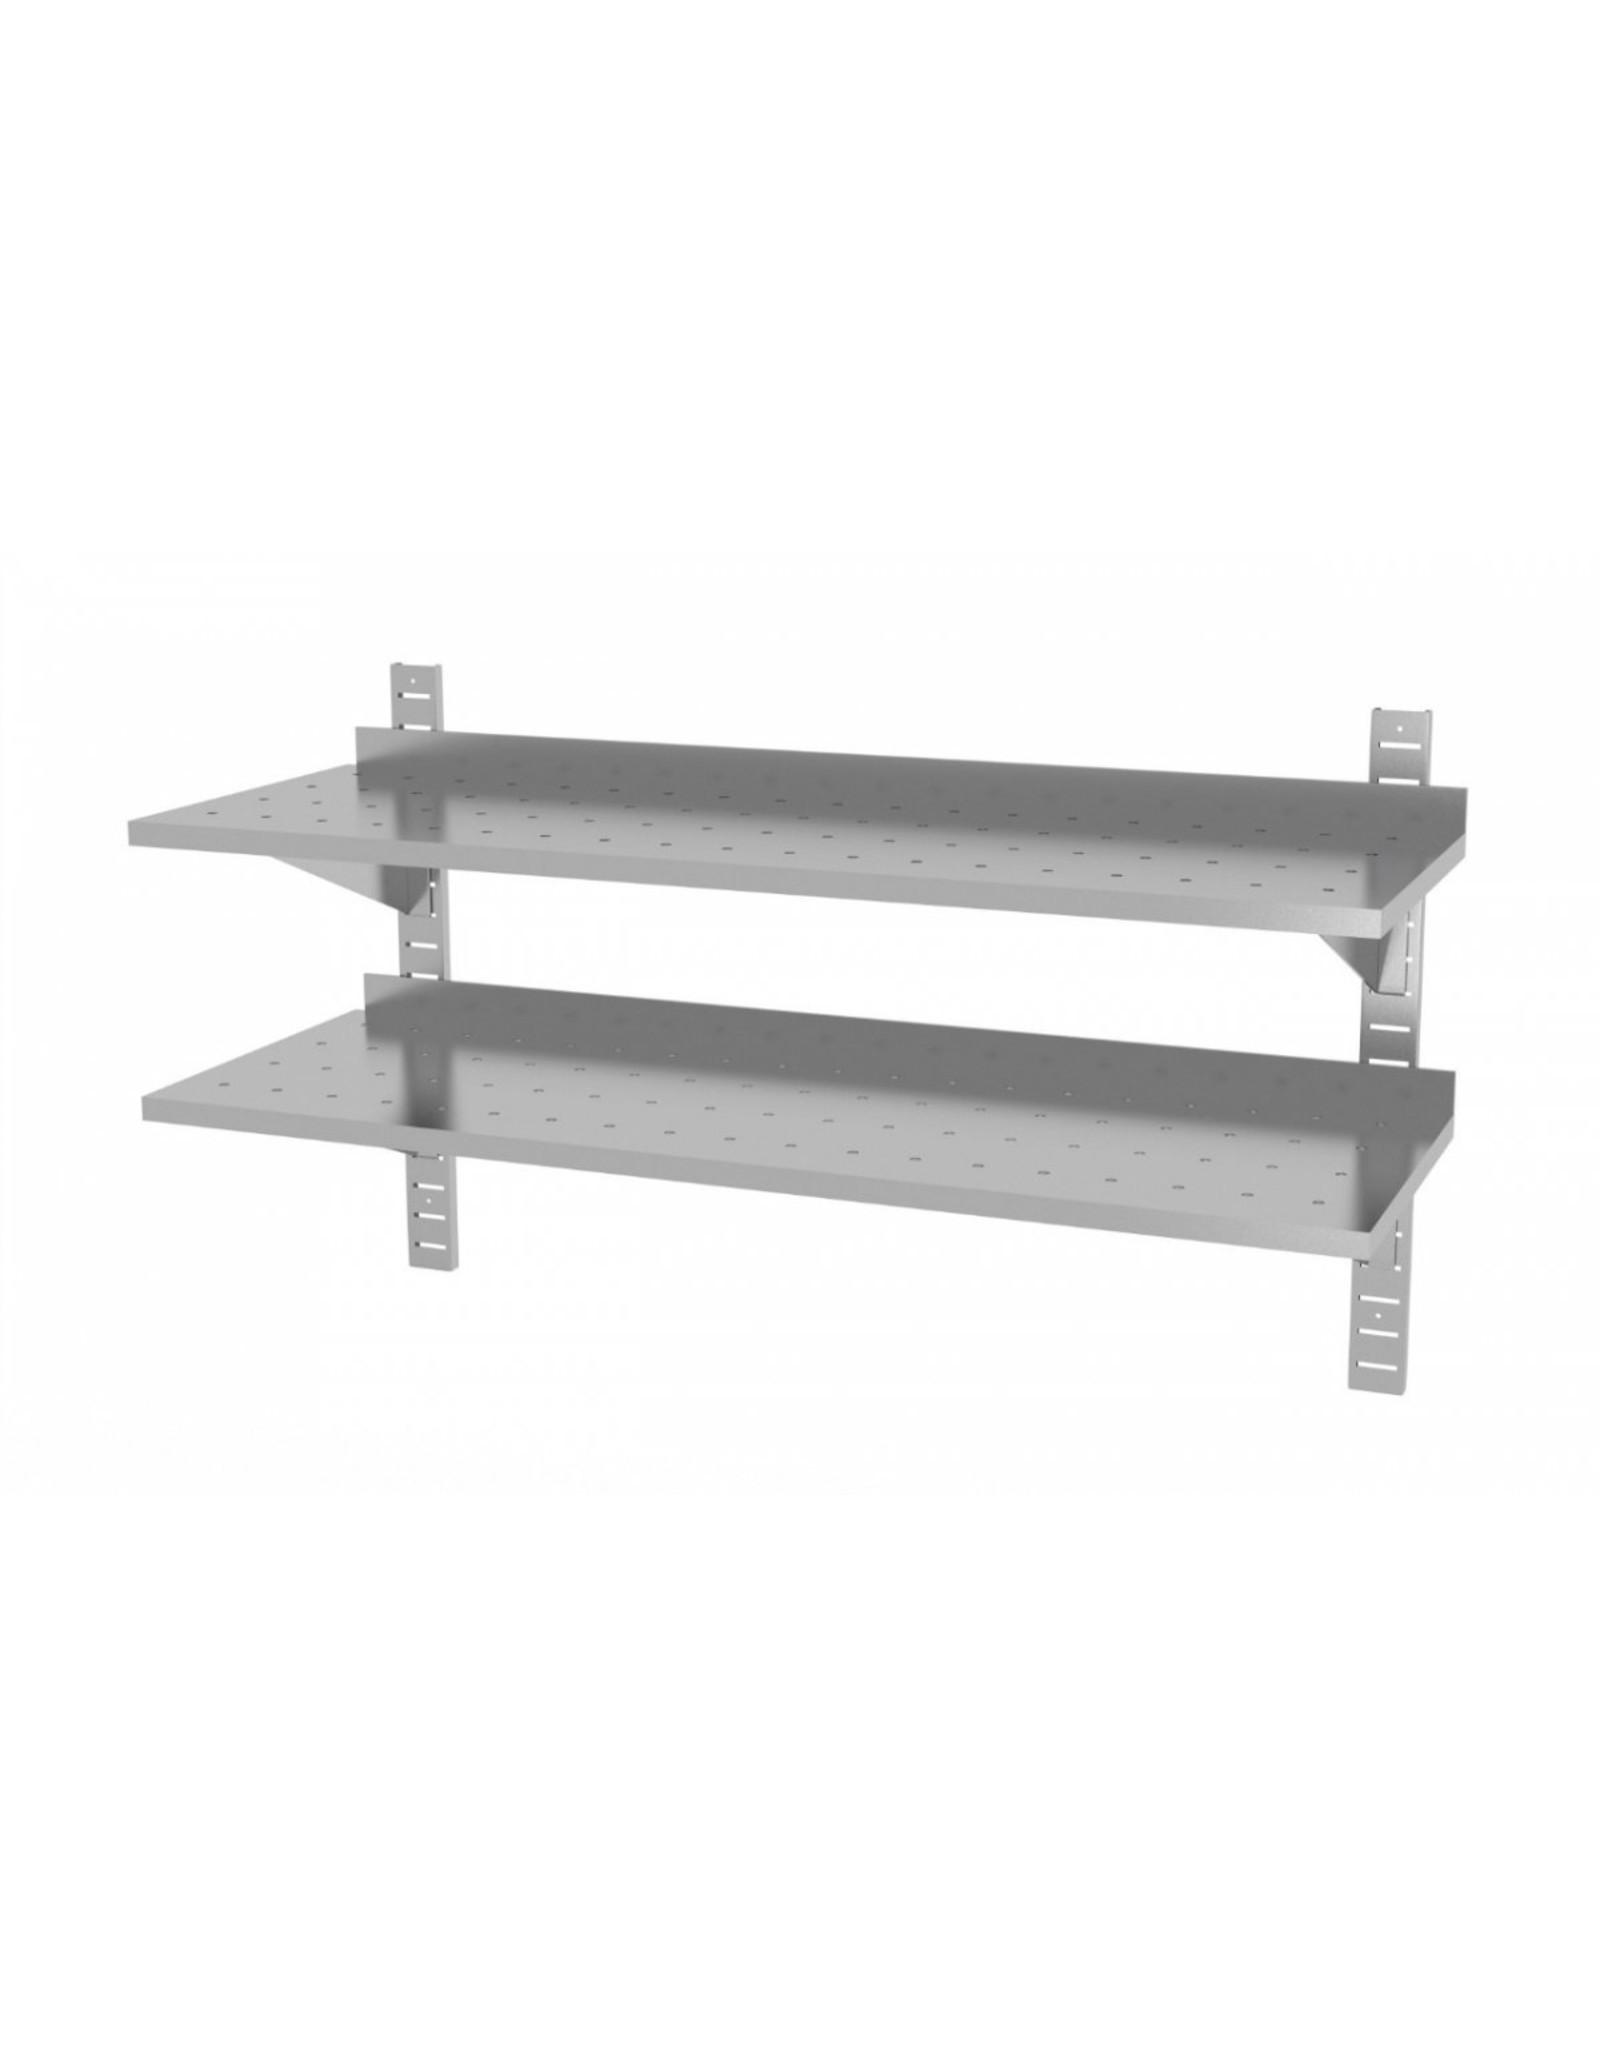 Wandplank geperforeerd | 2 planken | met 2 beugels | 600-1500mm breed | 300 of 400mm diep